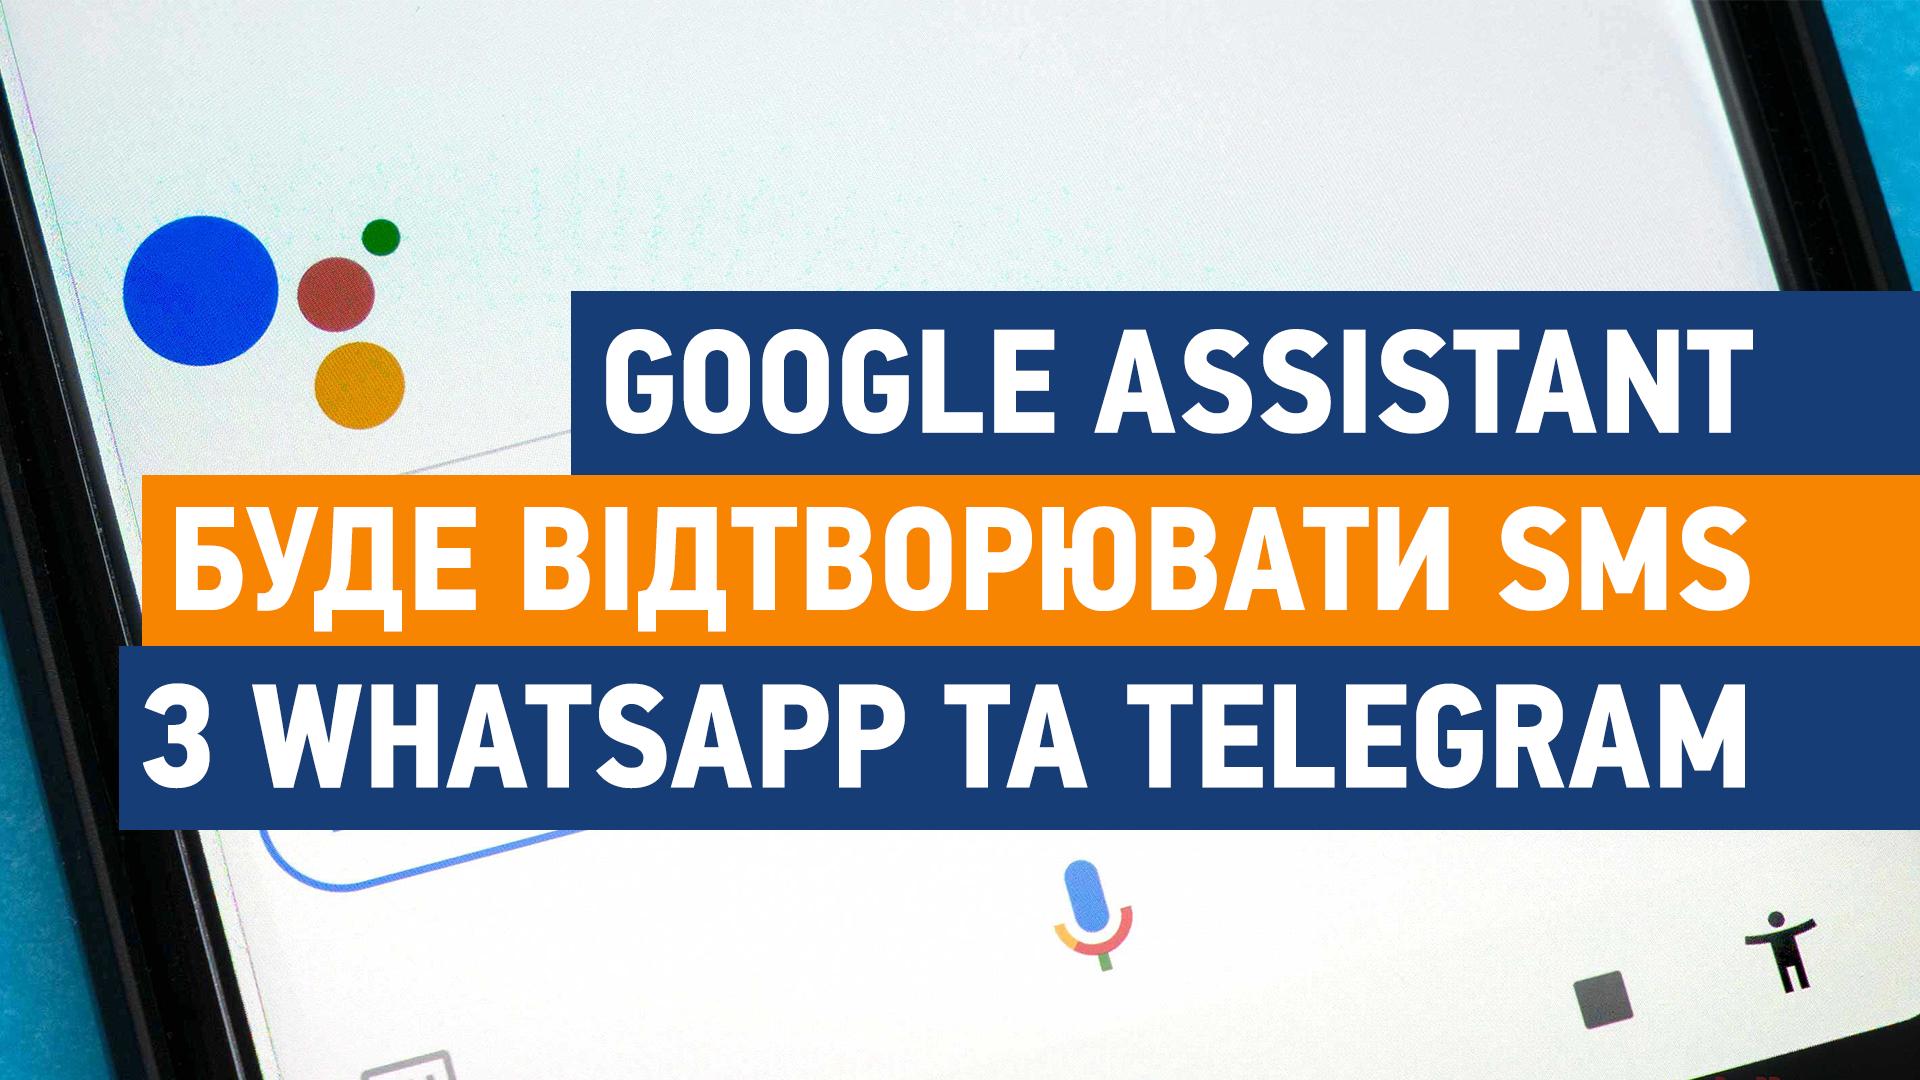 Google Assistant буде відтворювати в голос повідомлення з WhatsApp та Telegram - WhatsApp, Google Assistant, google - GA poglyad